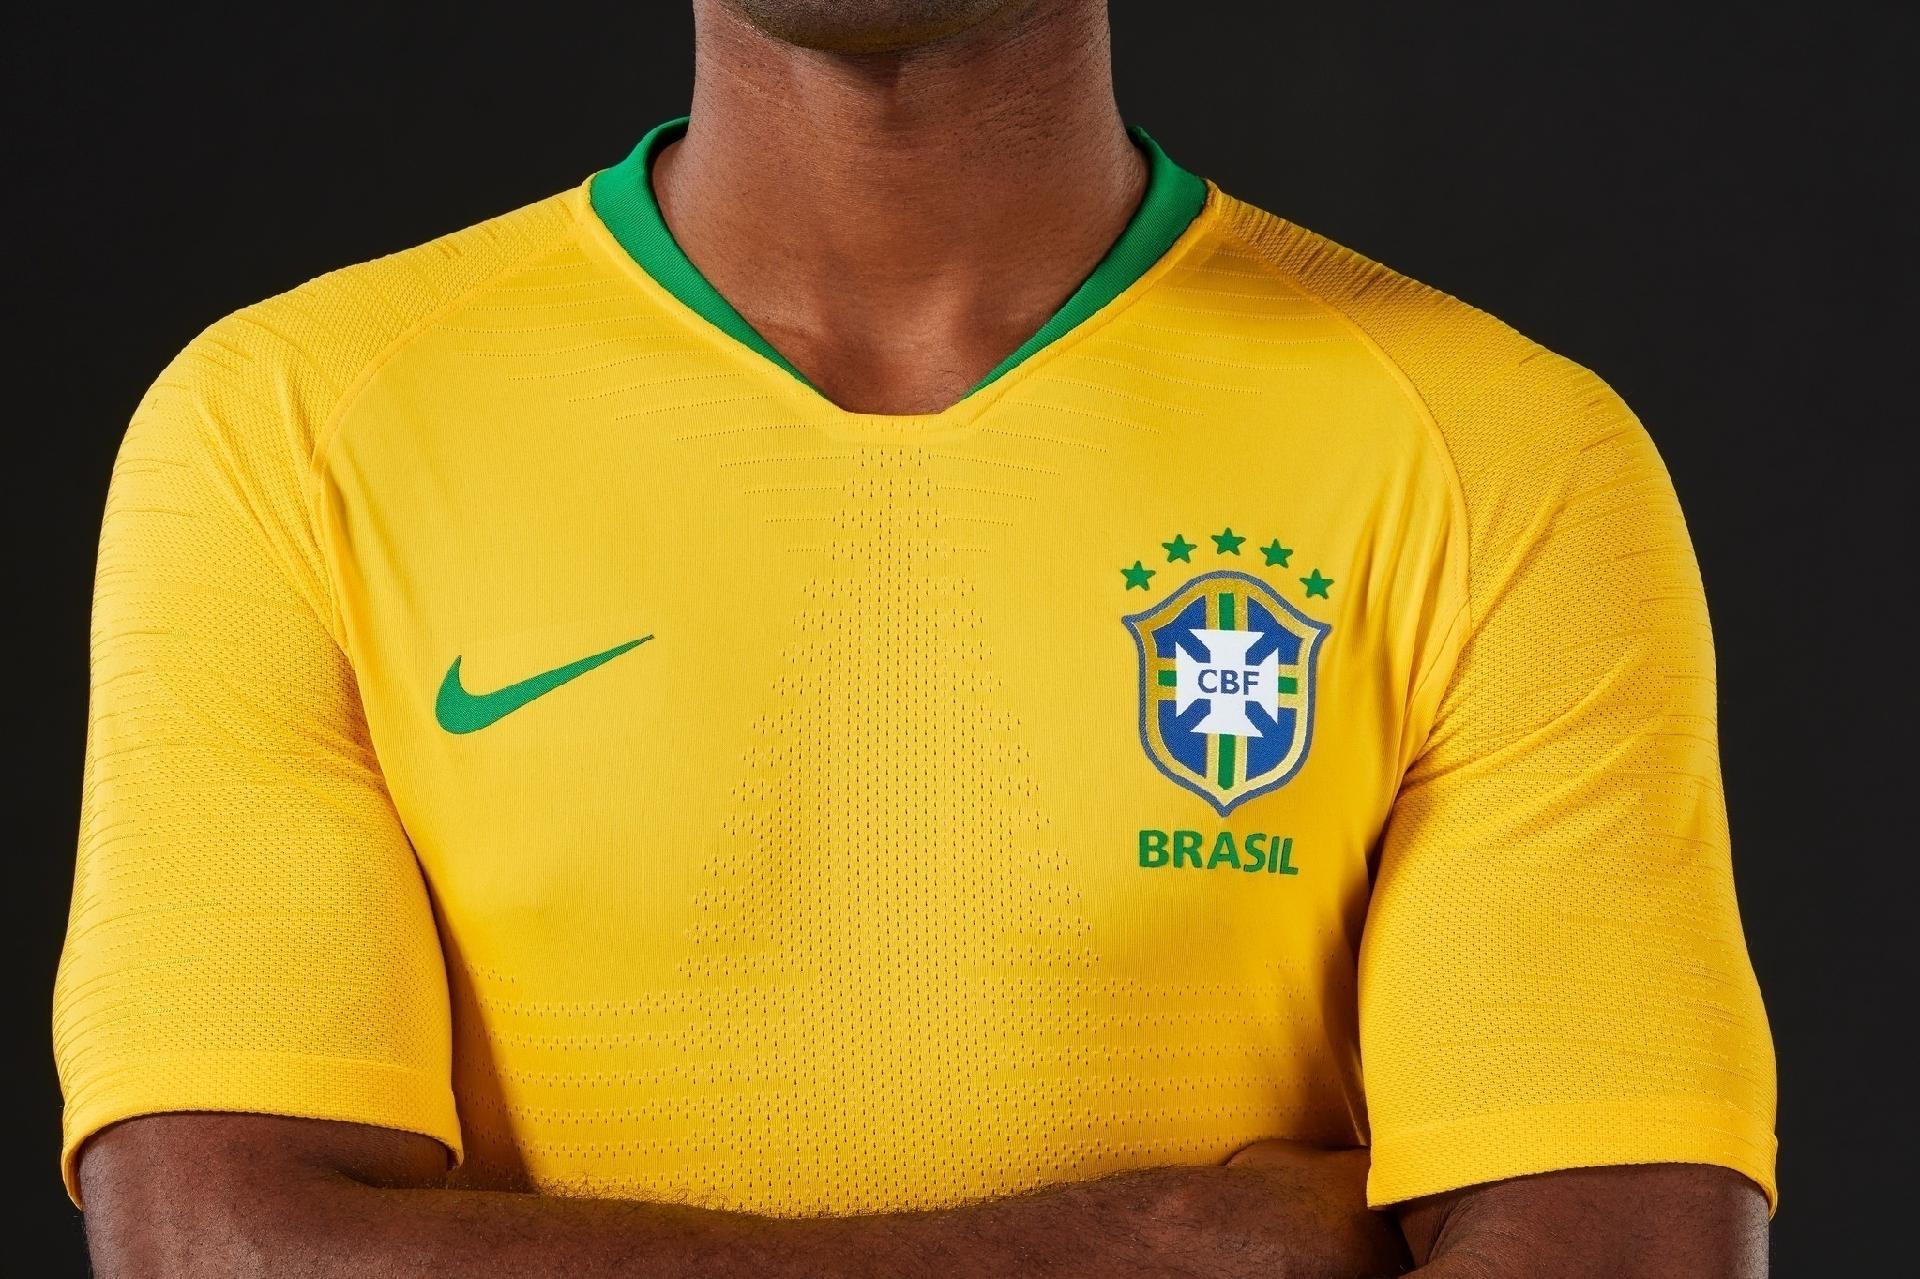 b833b1aed3293 Nike divulga fotos dos uniformes da seleção para a Copa do Mundo de 2018